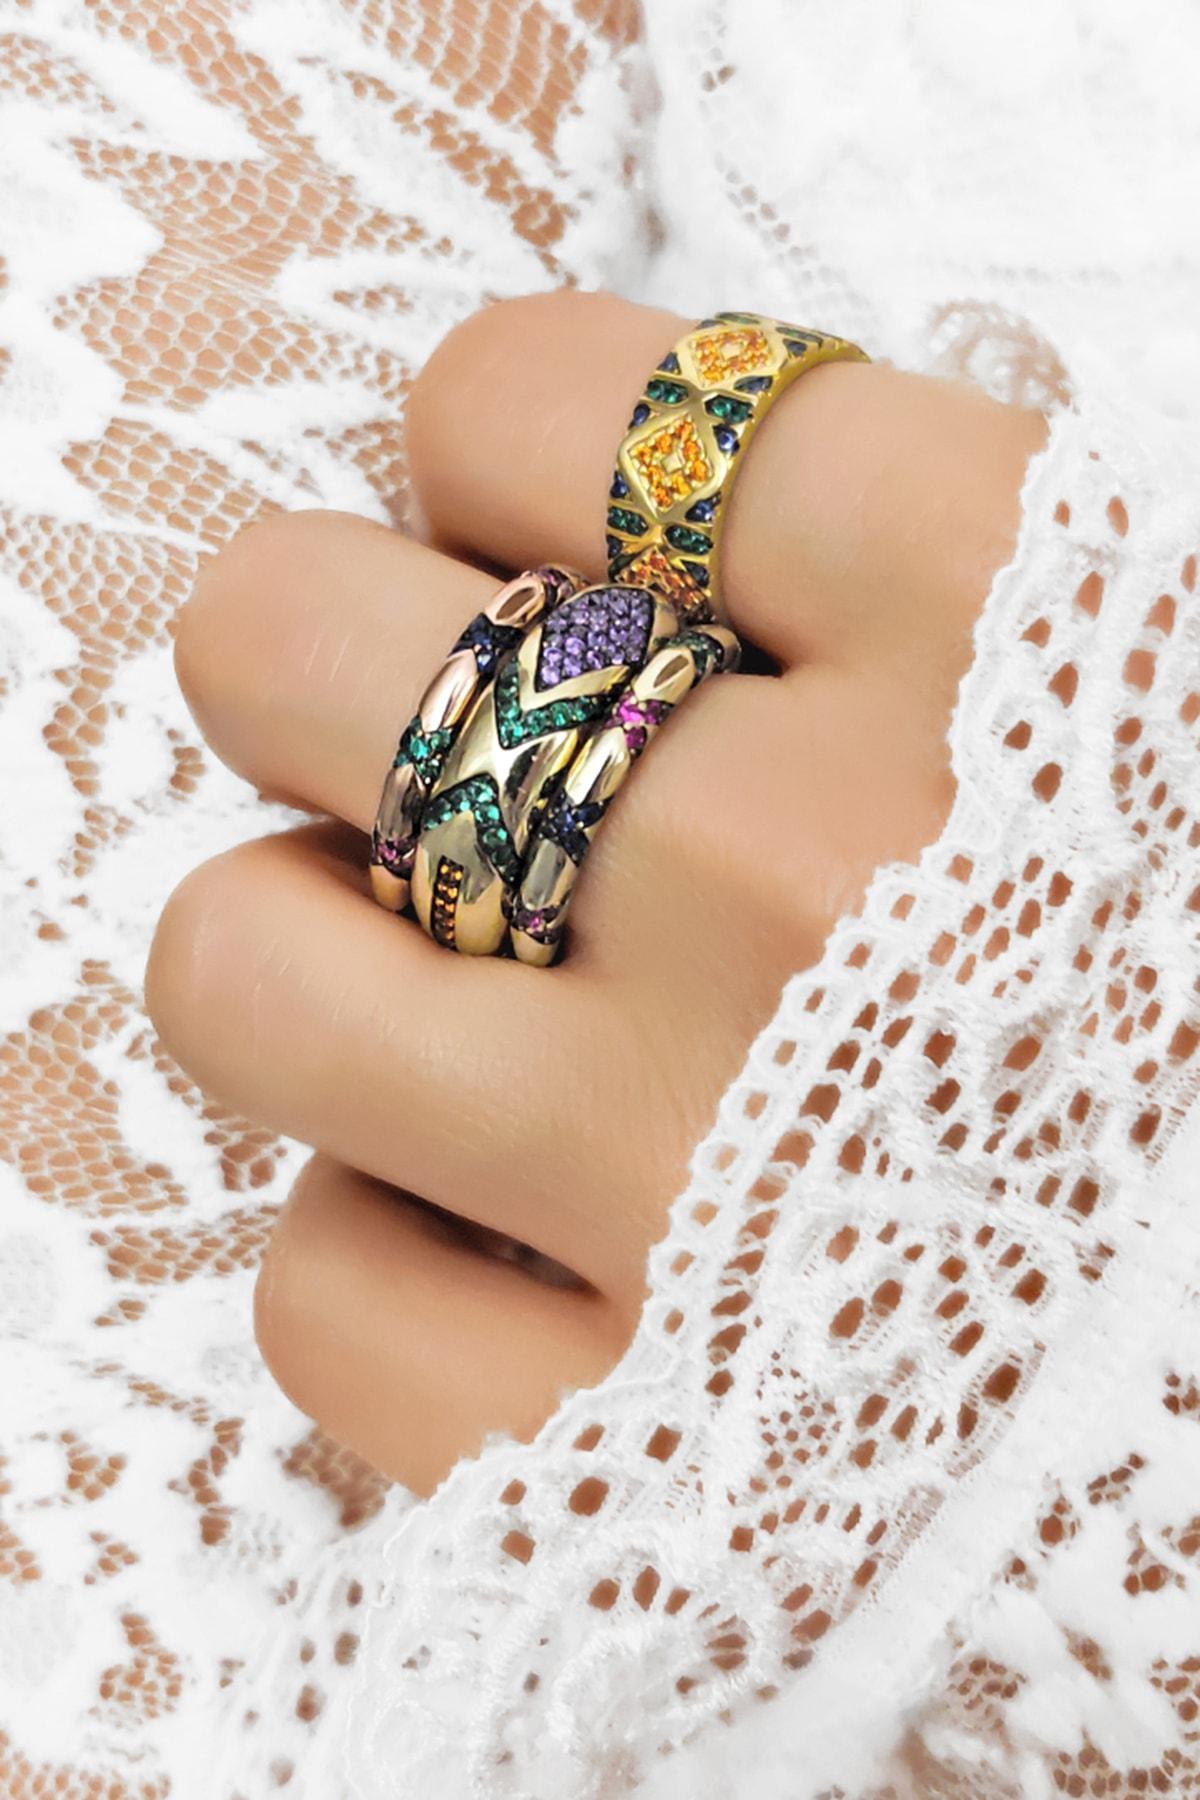 Melmona Çapraz Renkli Zirkon Taşlı Rose Gümüş Yüzük 1